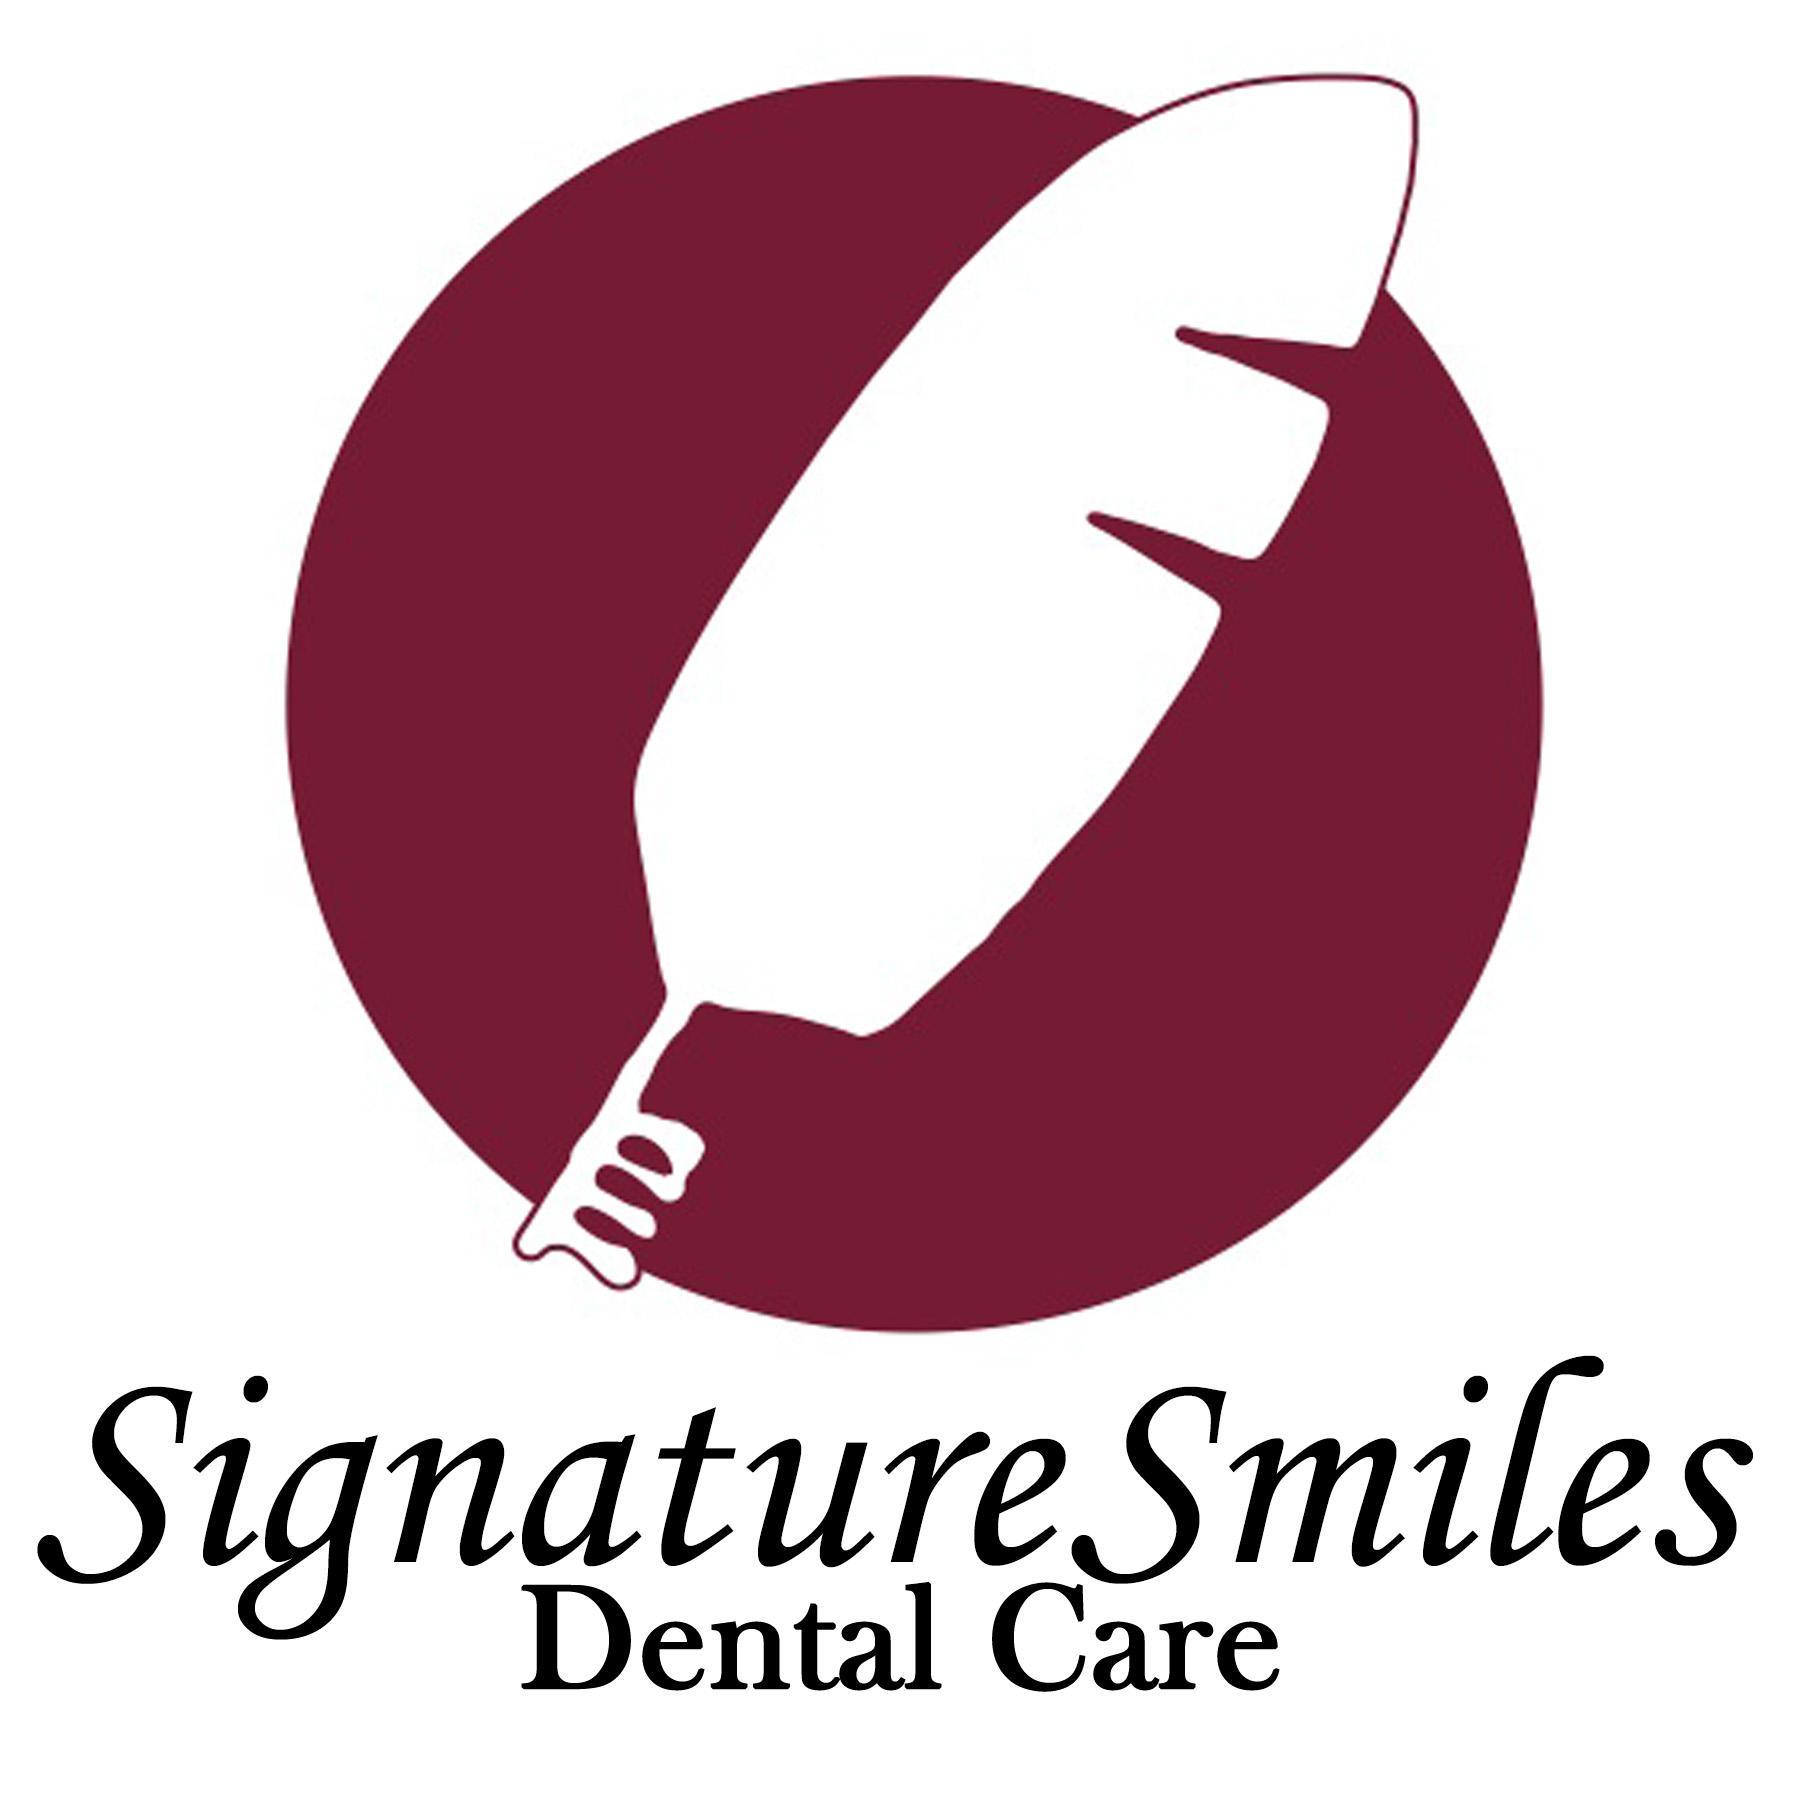 Signature Smiles Dental Care